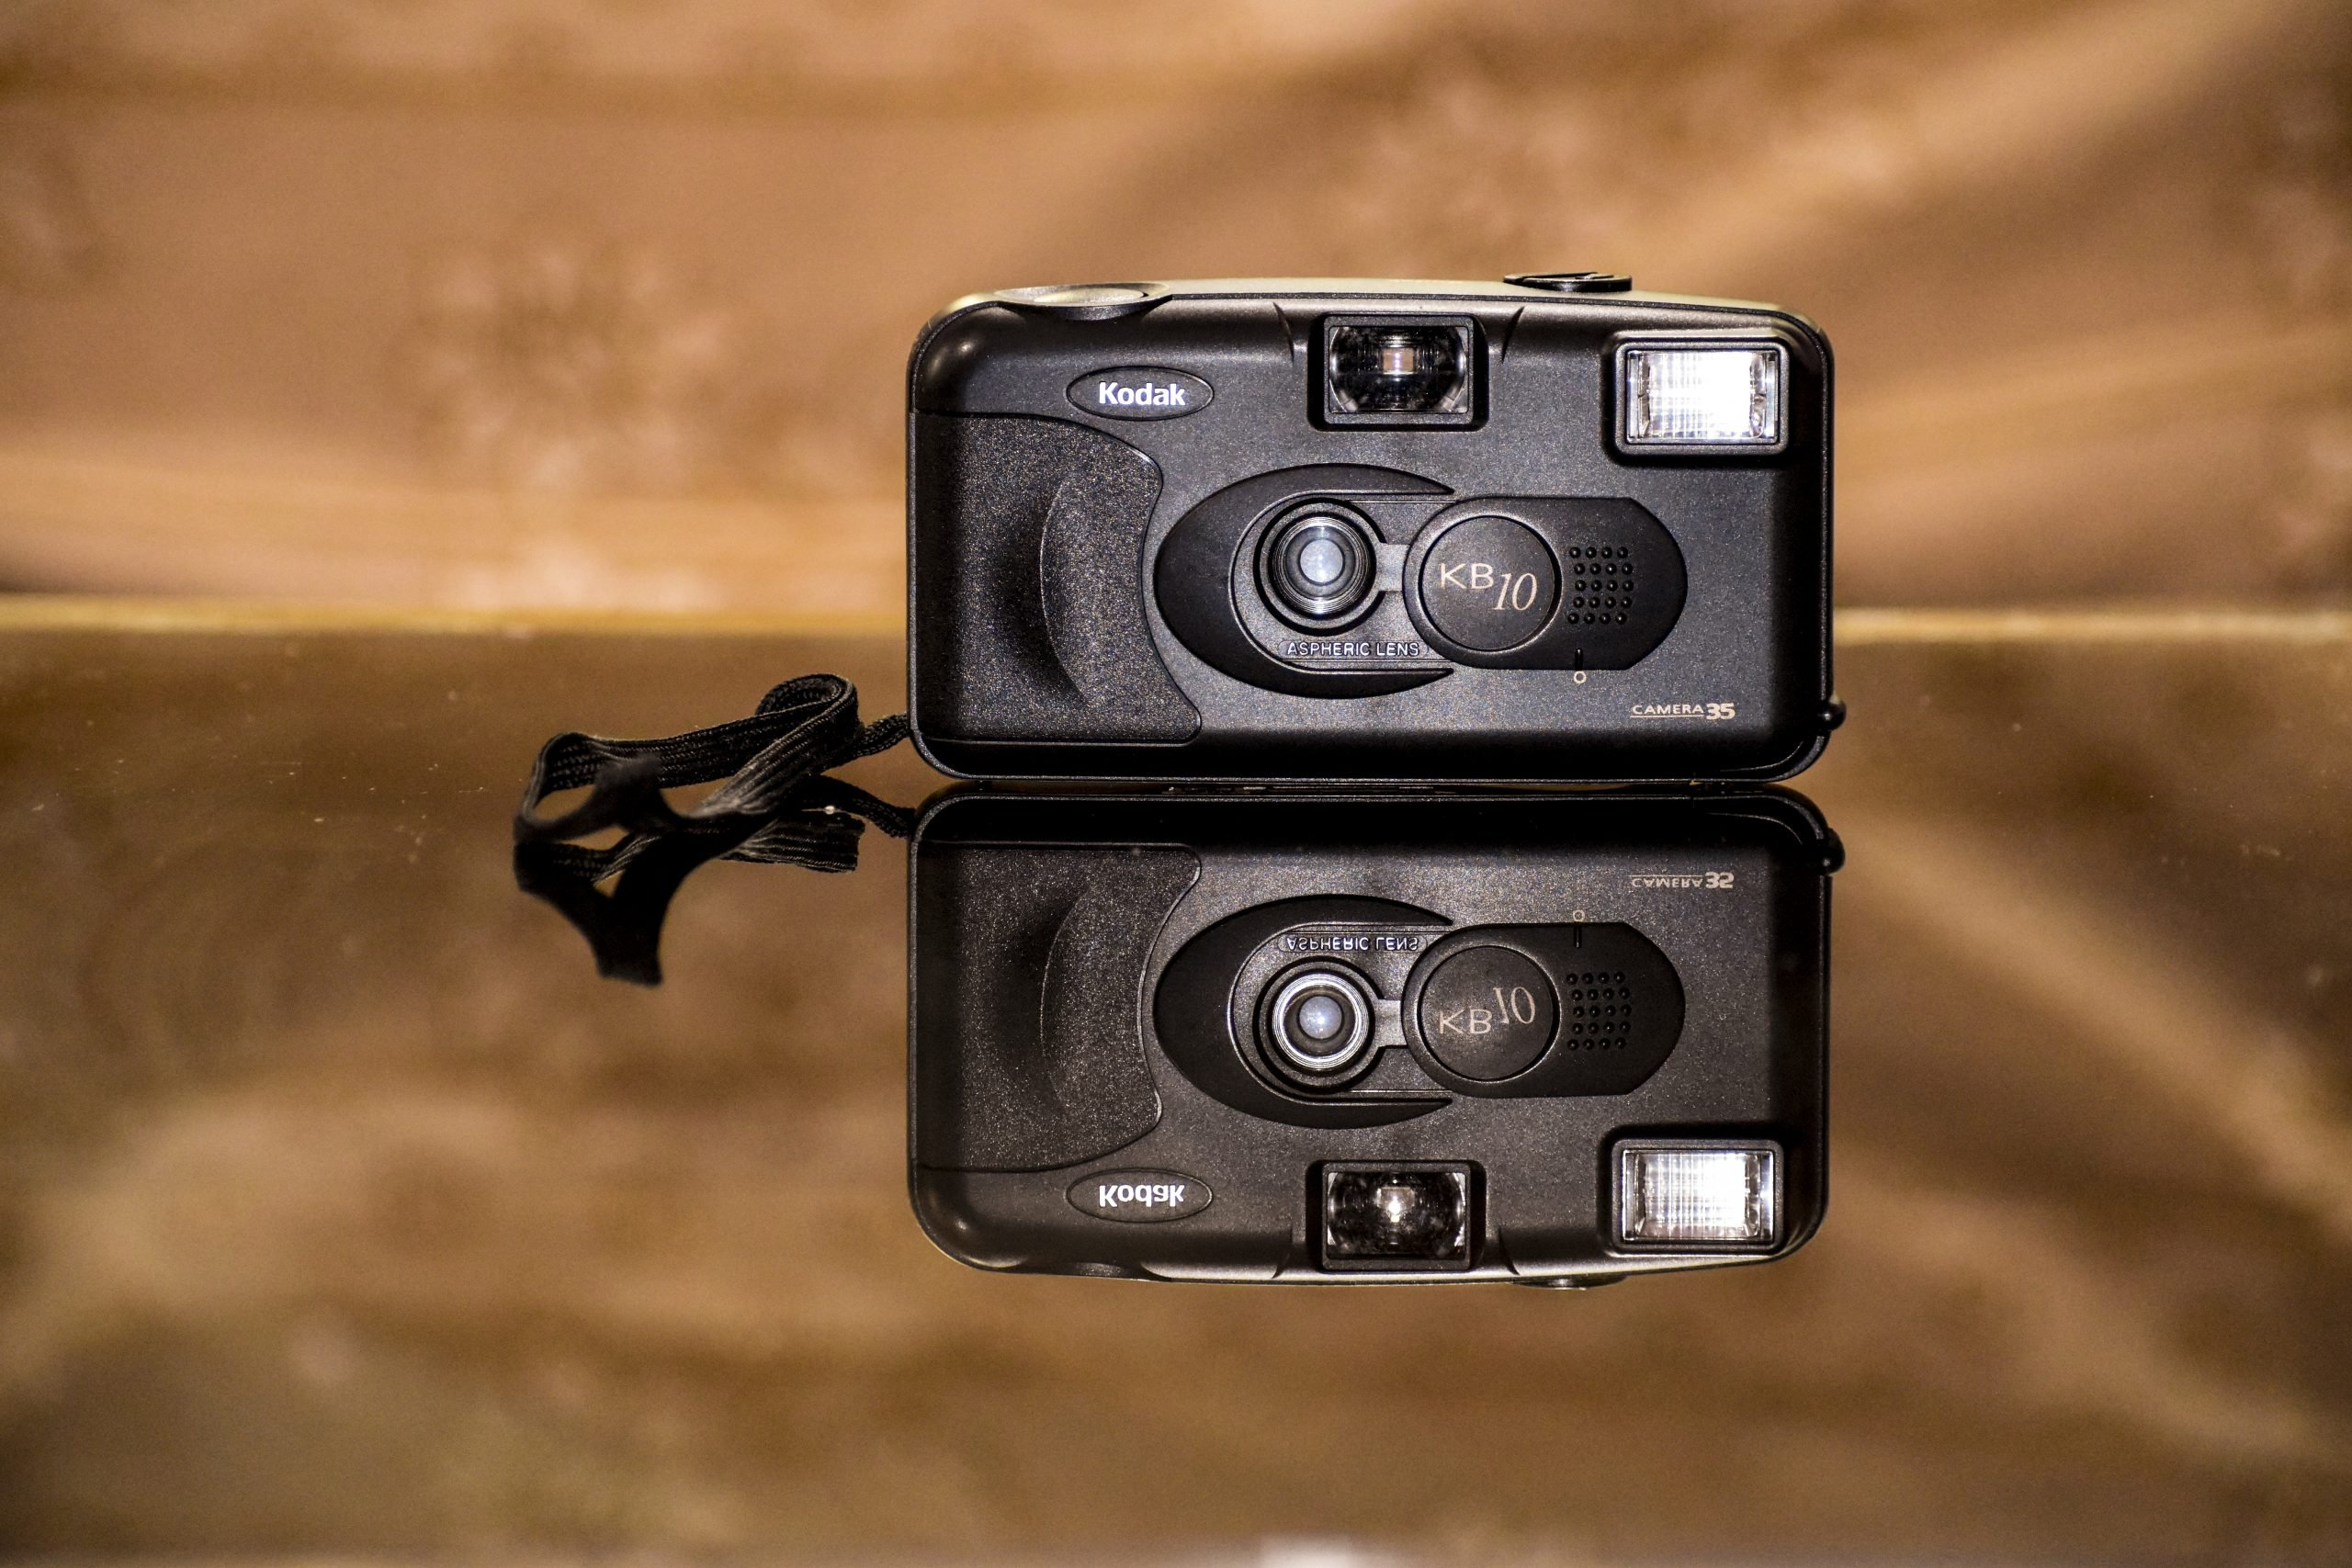 Old Vintage Kodak Camera